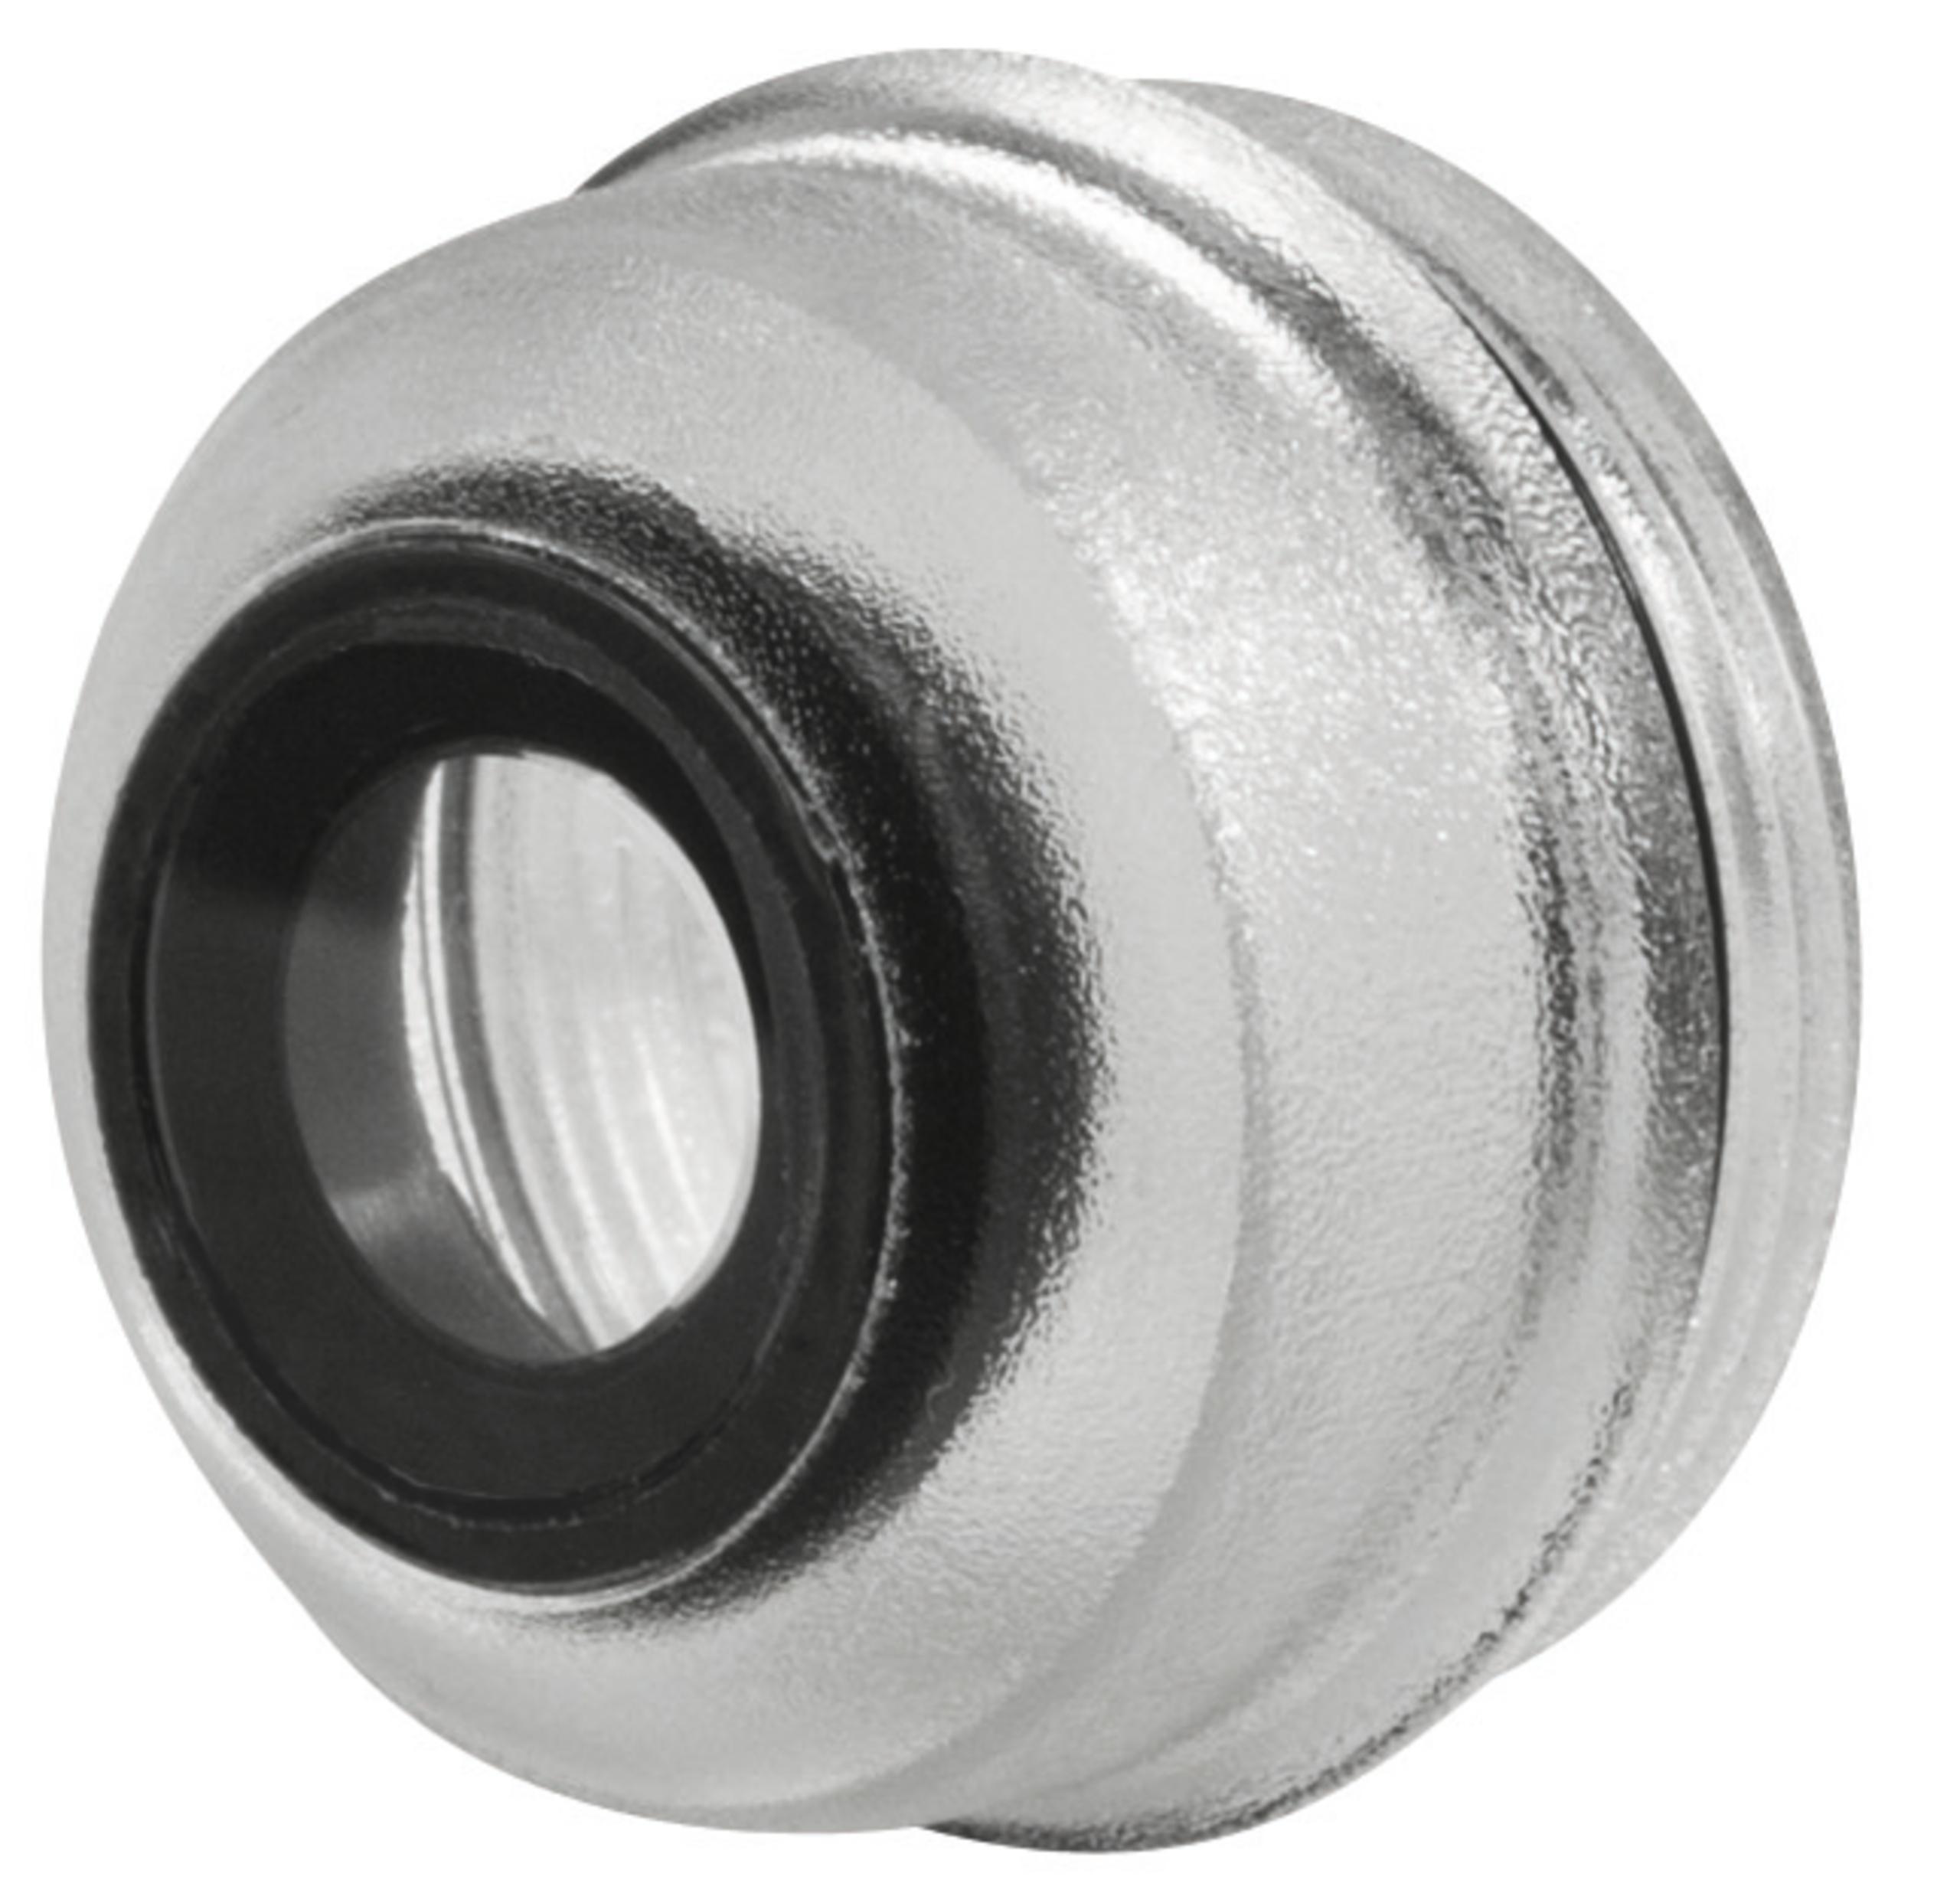 <br/>Schutzkappe und O-Ring, für